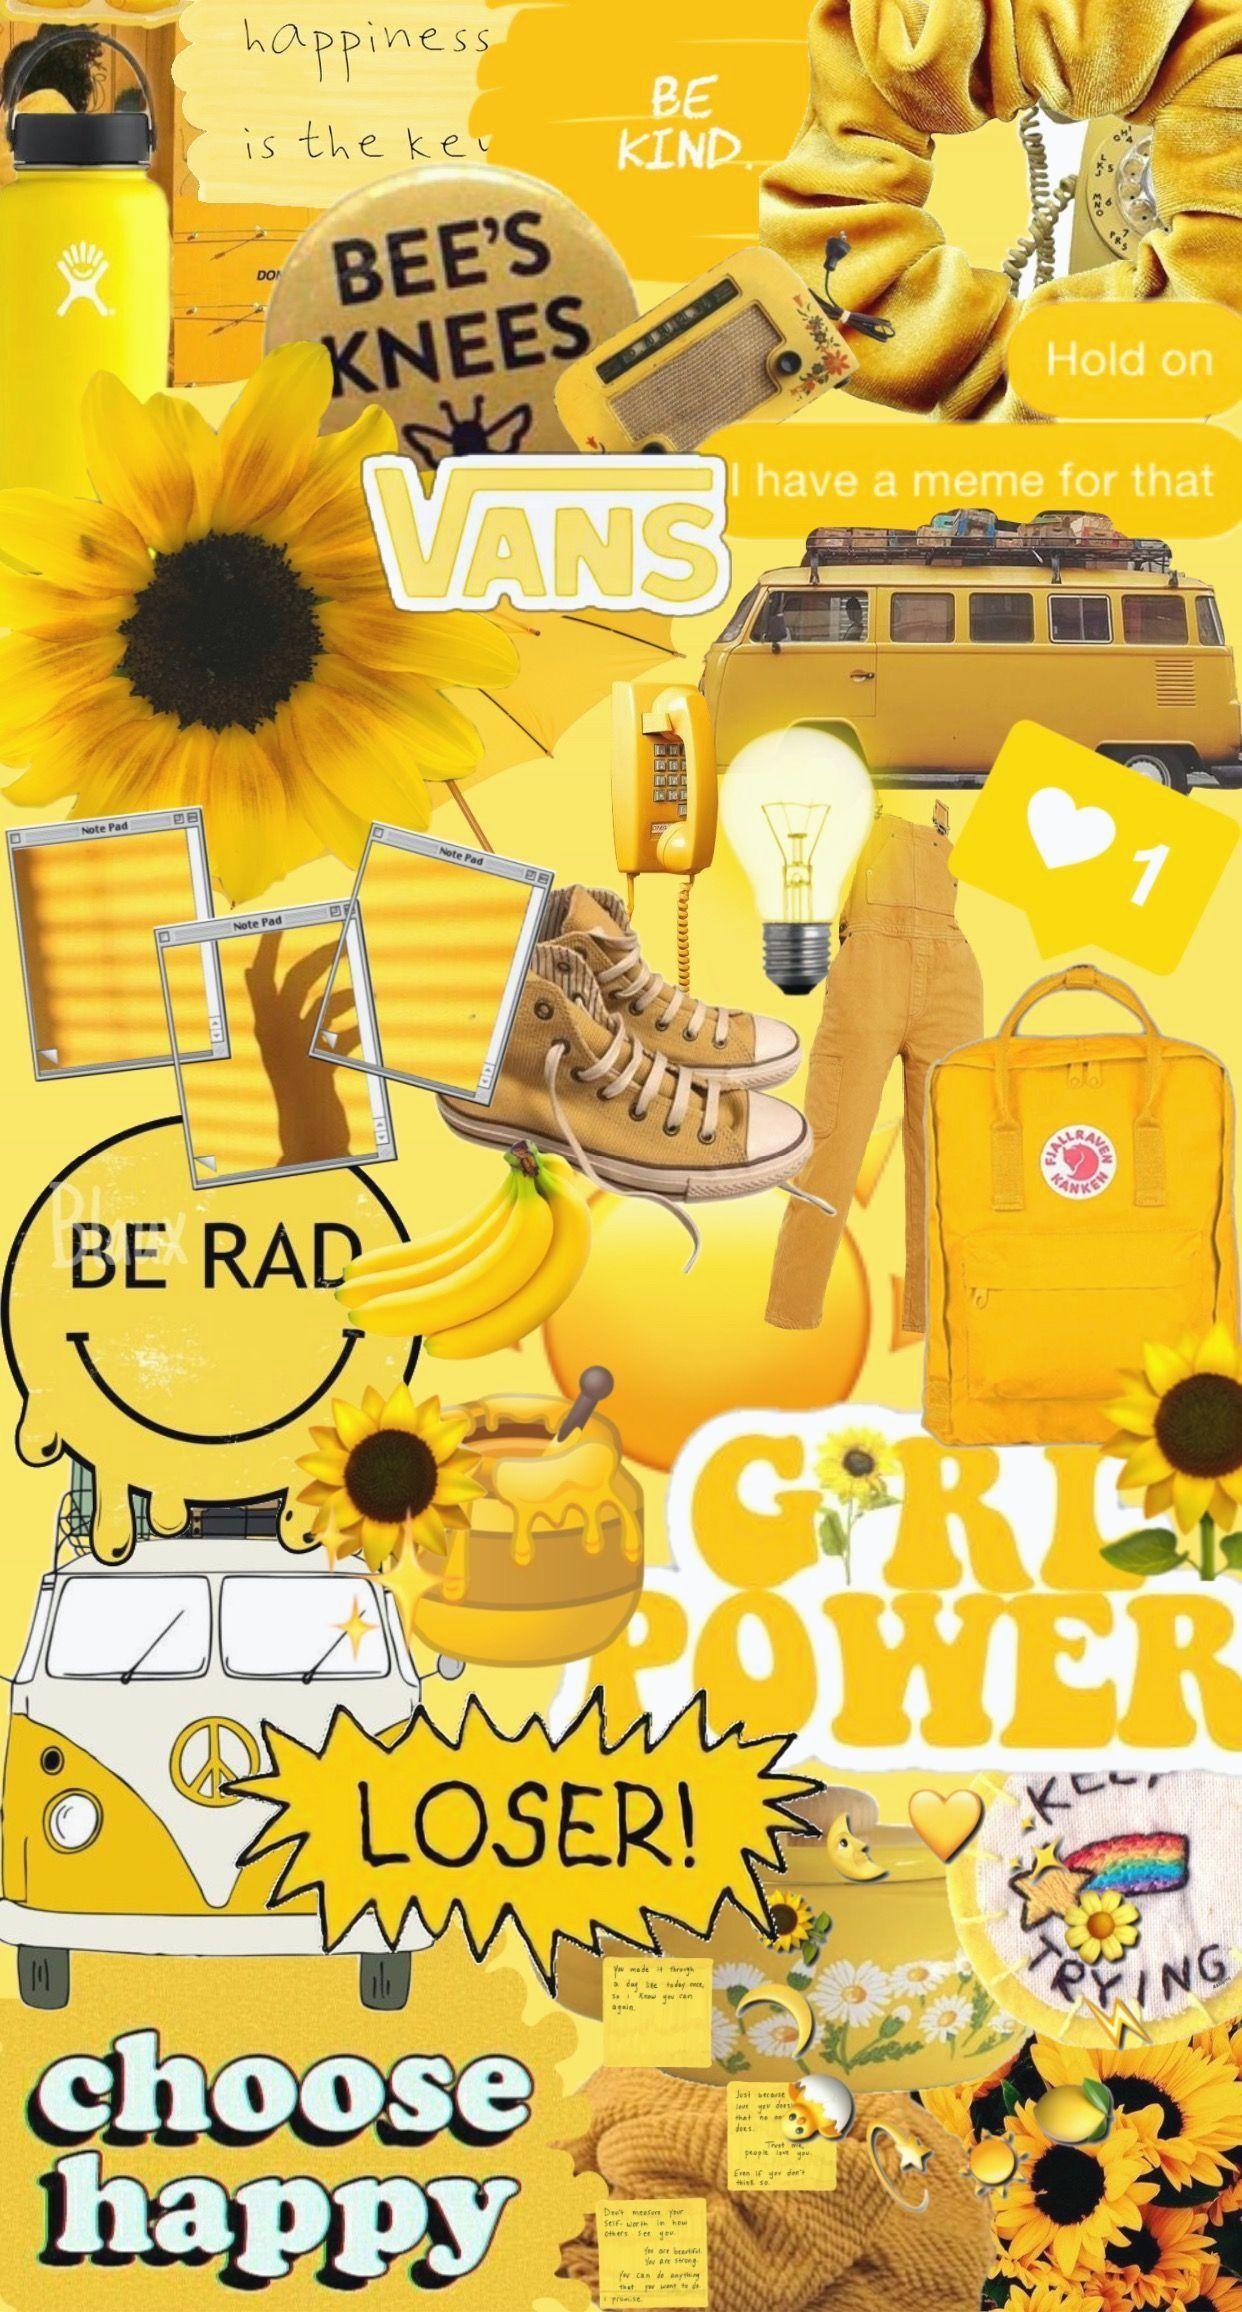 Vsco Yellow Wallpapers Wallpaper Cave Wallpaper Iphone Ilustrasi Kartu Ucapan Seni Tradisional